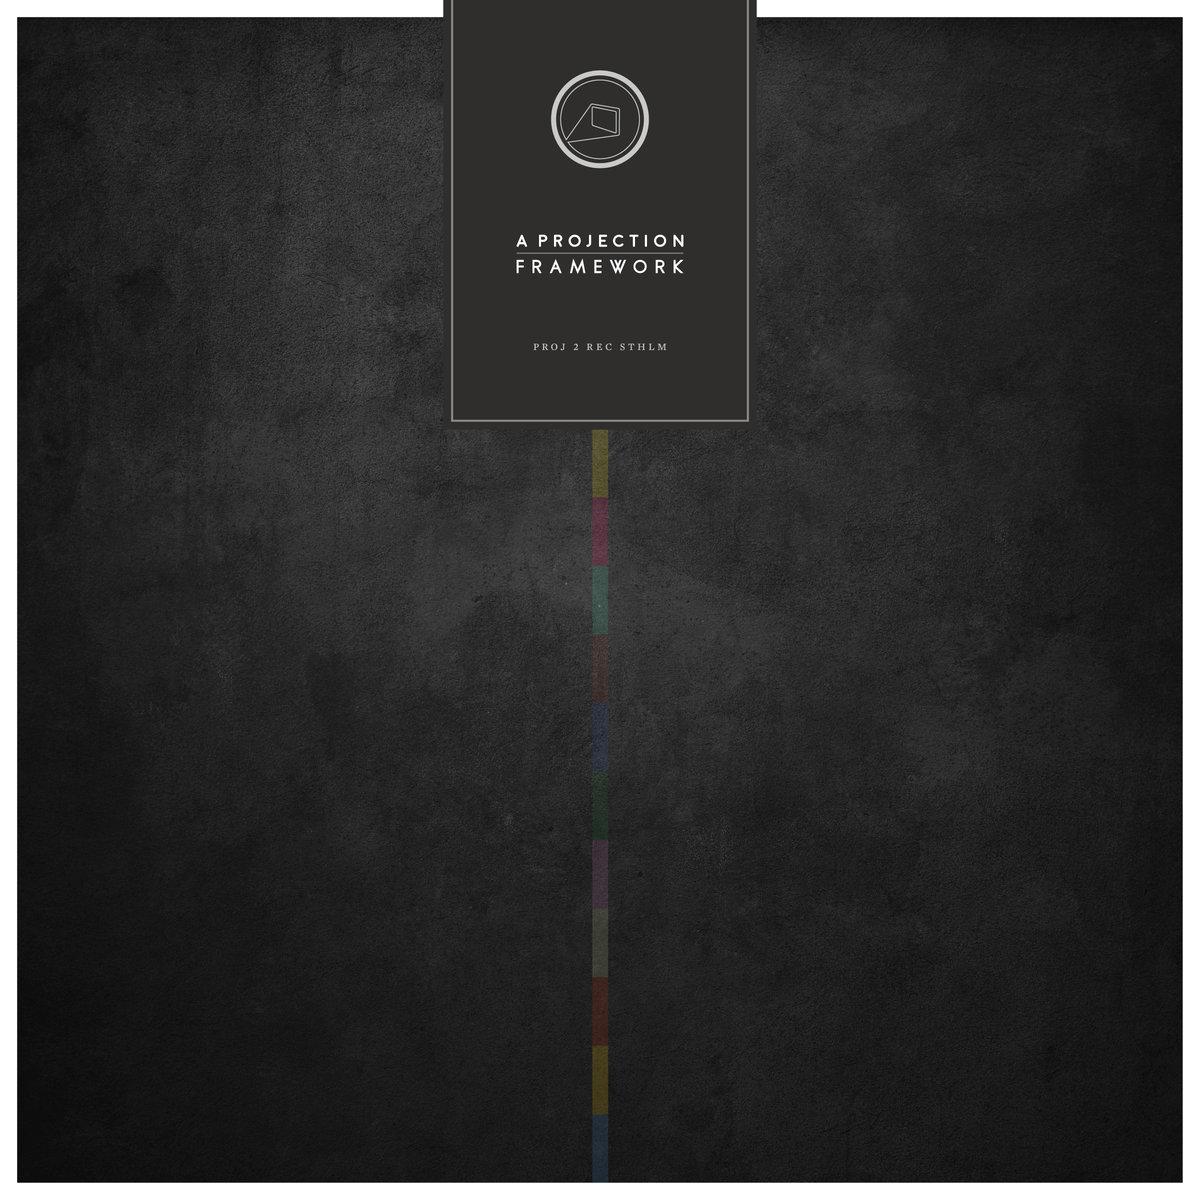 Framework_Album Cover